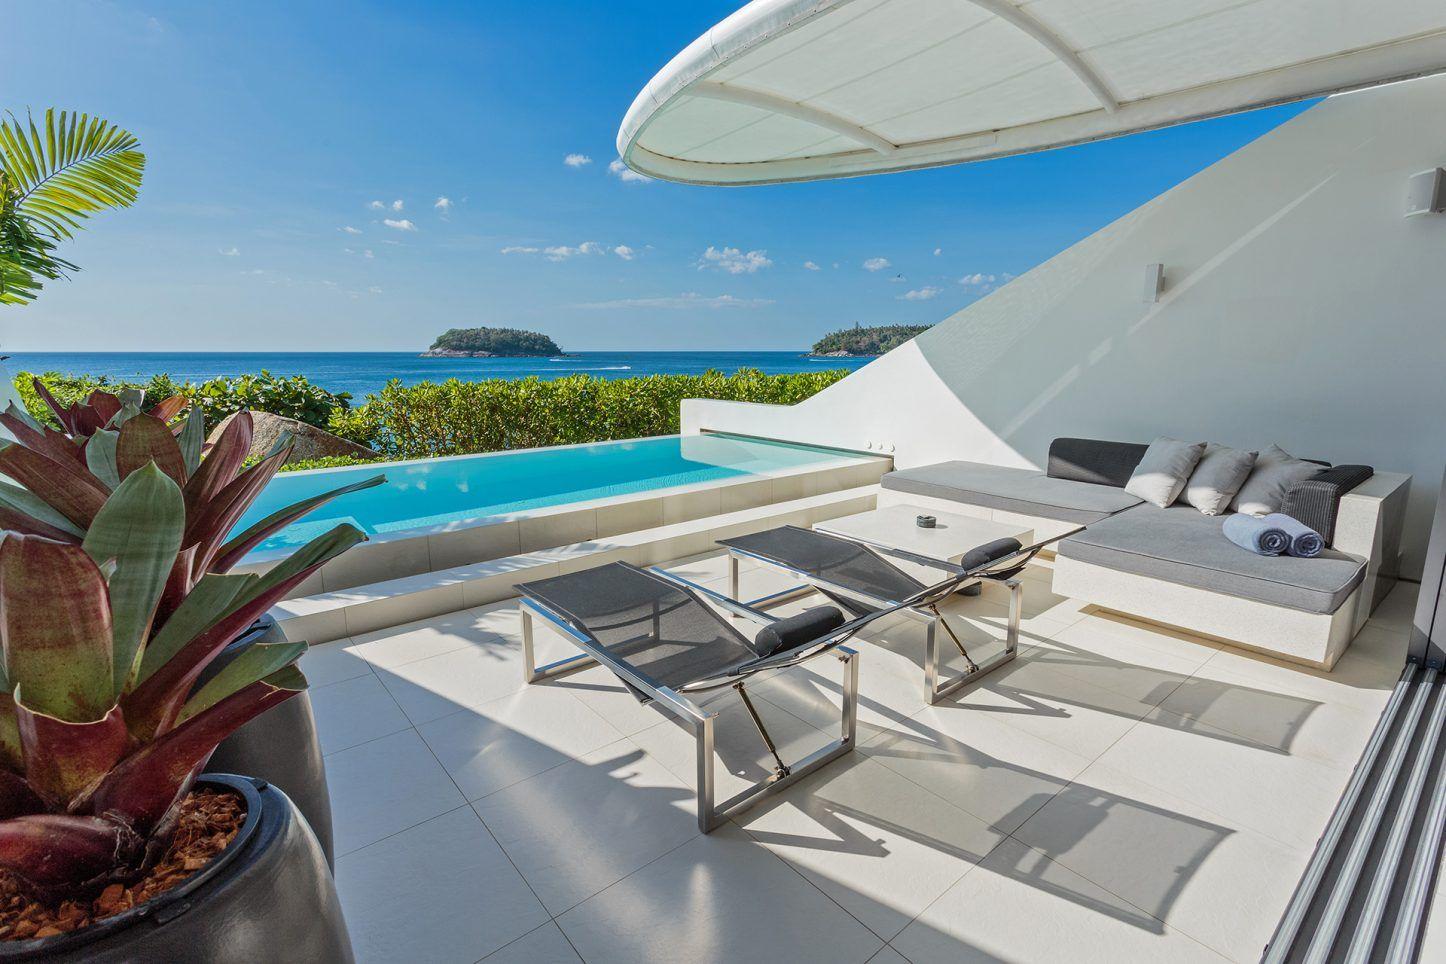 Loft bedroom privacy  Onebedroom uOcean Pool Loftu Sky Villas  a romantic Phuket luxury